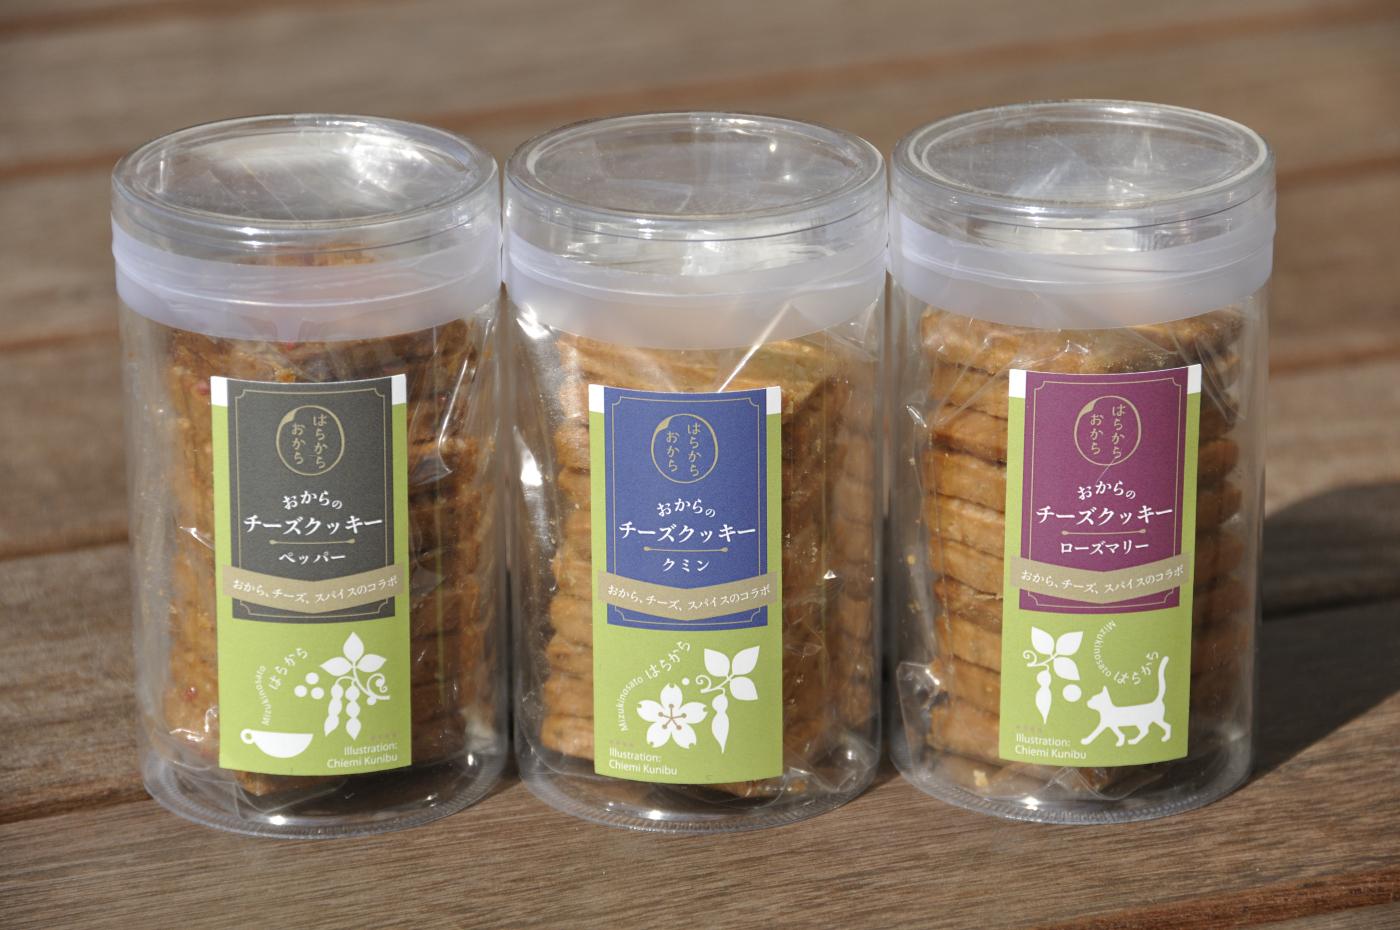 おからのチーズクッキー3種アソート Chiemi Kunibuデザイン スリーブケース入り